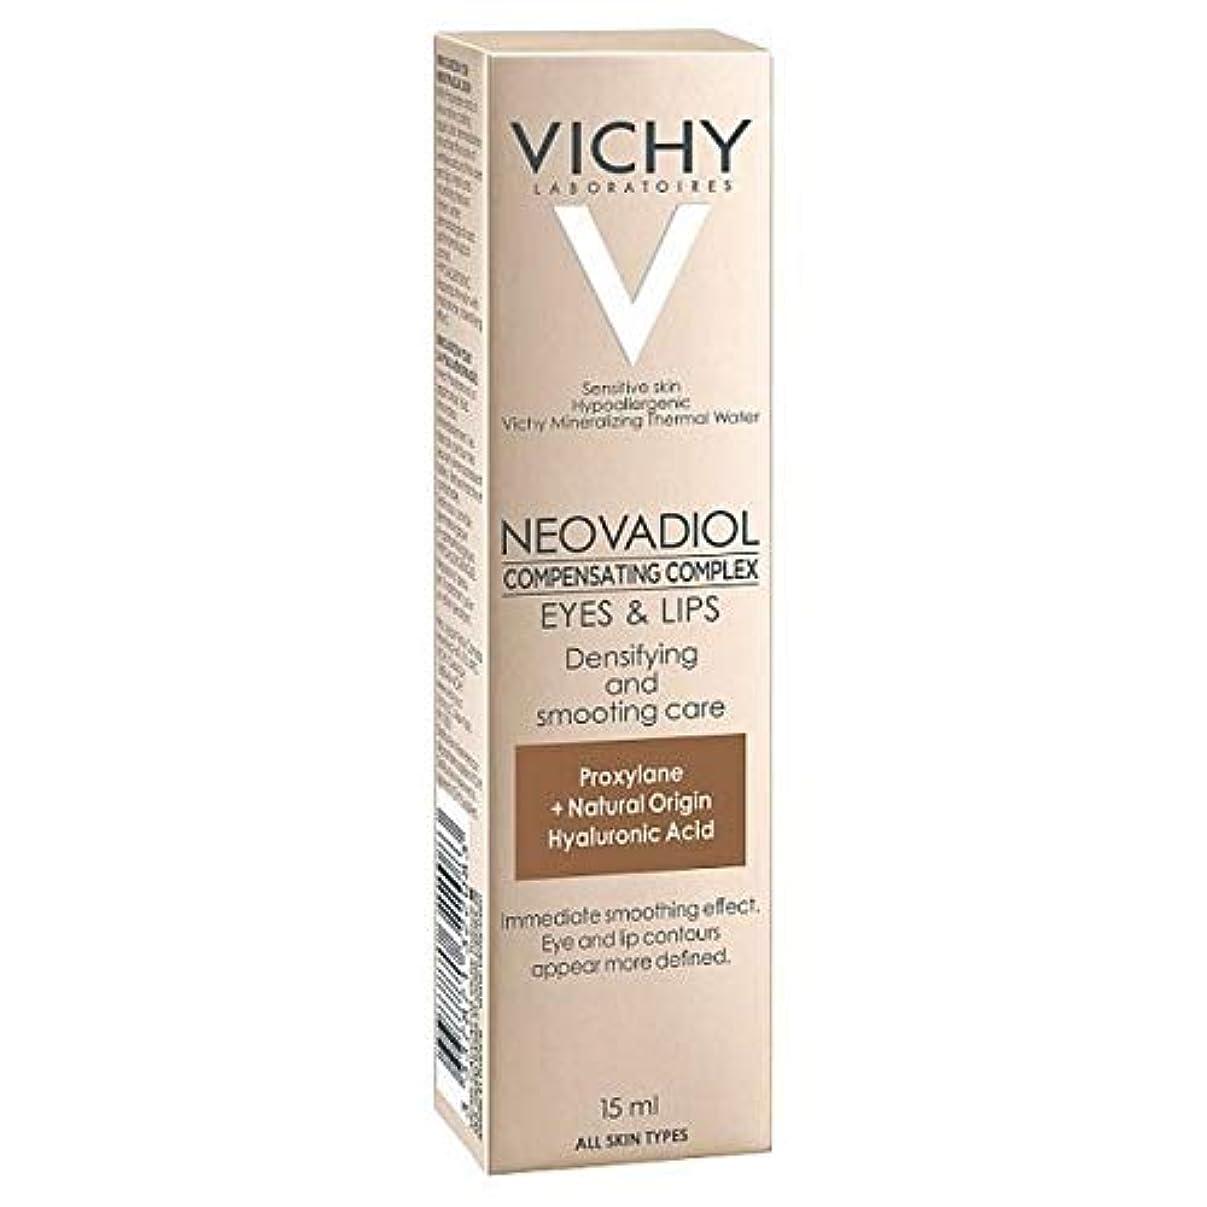 多様体サバント適合[Vichy] アンチエイジングリップ&アイ輪郭クリーム15ミリリットルNeovadiolヴィシー - Vichy Neovadiol Anti-Ageing Lip & Eye Contours Cream 15ml [並行輸入品]